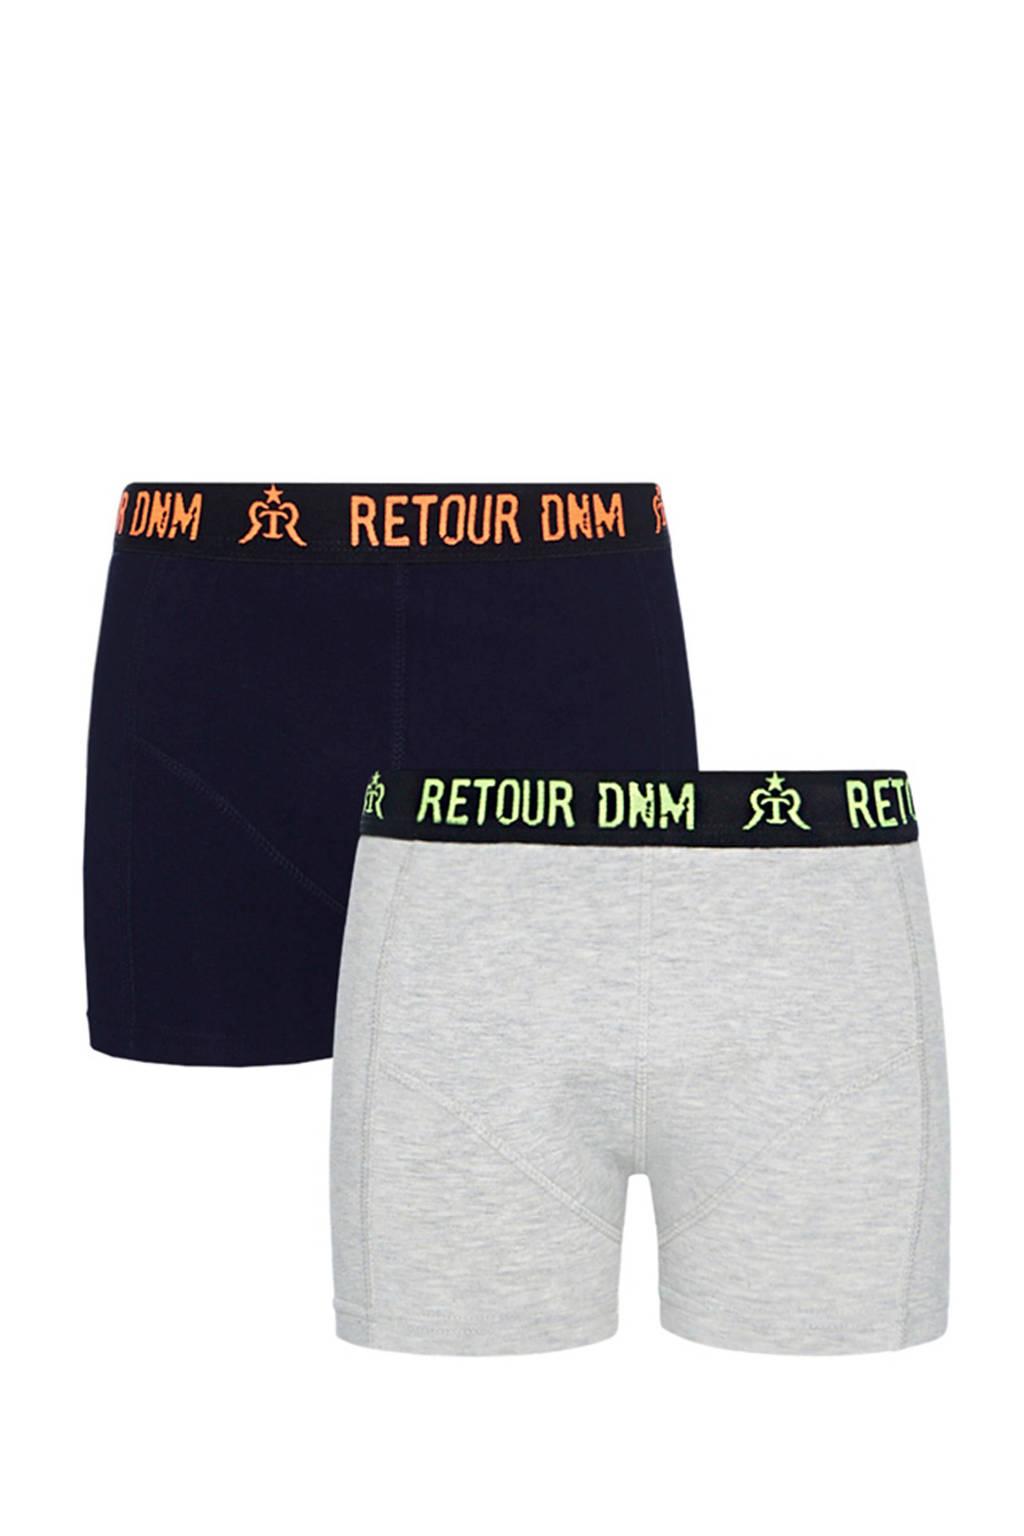 Retour Denim   boxershort Barend - set van 2 donkerblauw, Donkerblauw/grijs melange